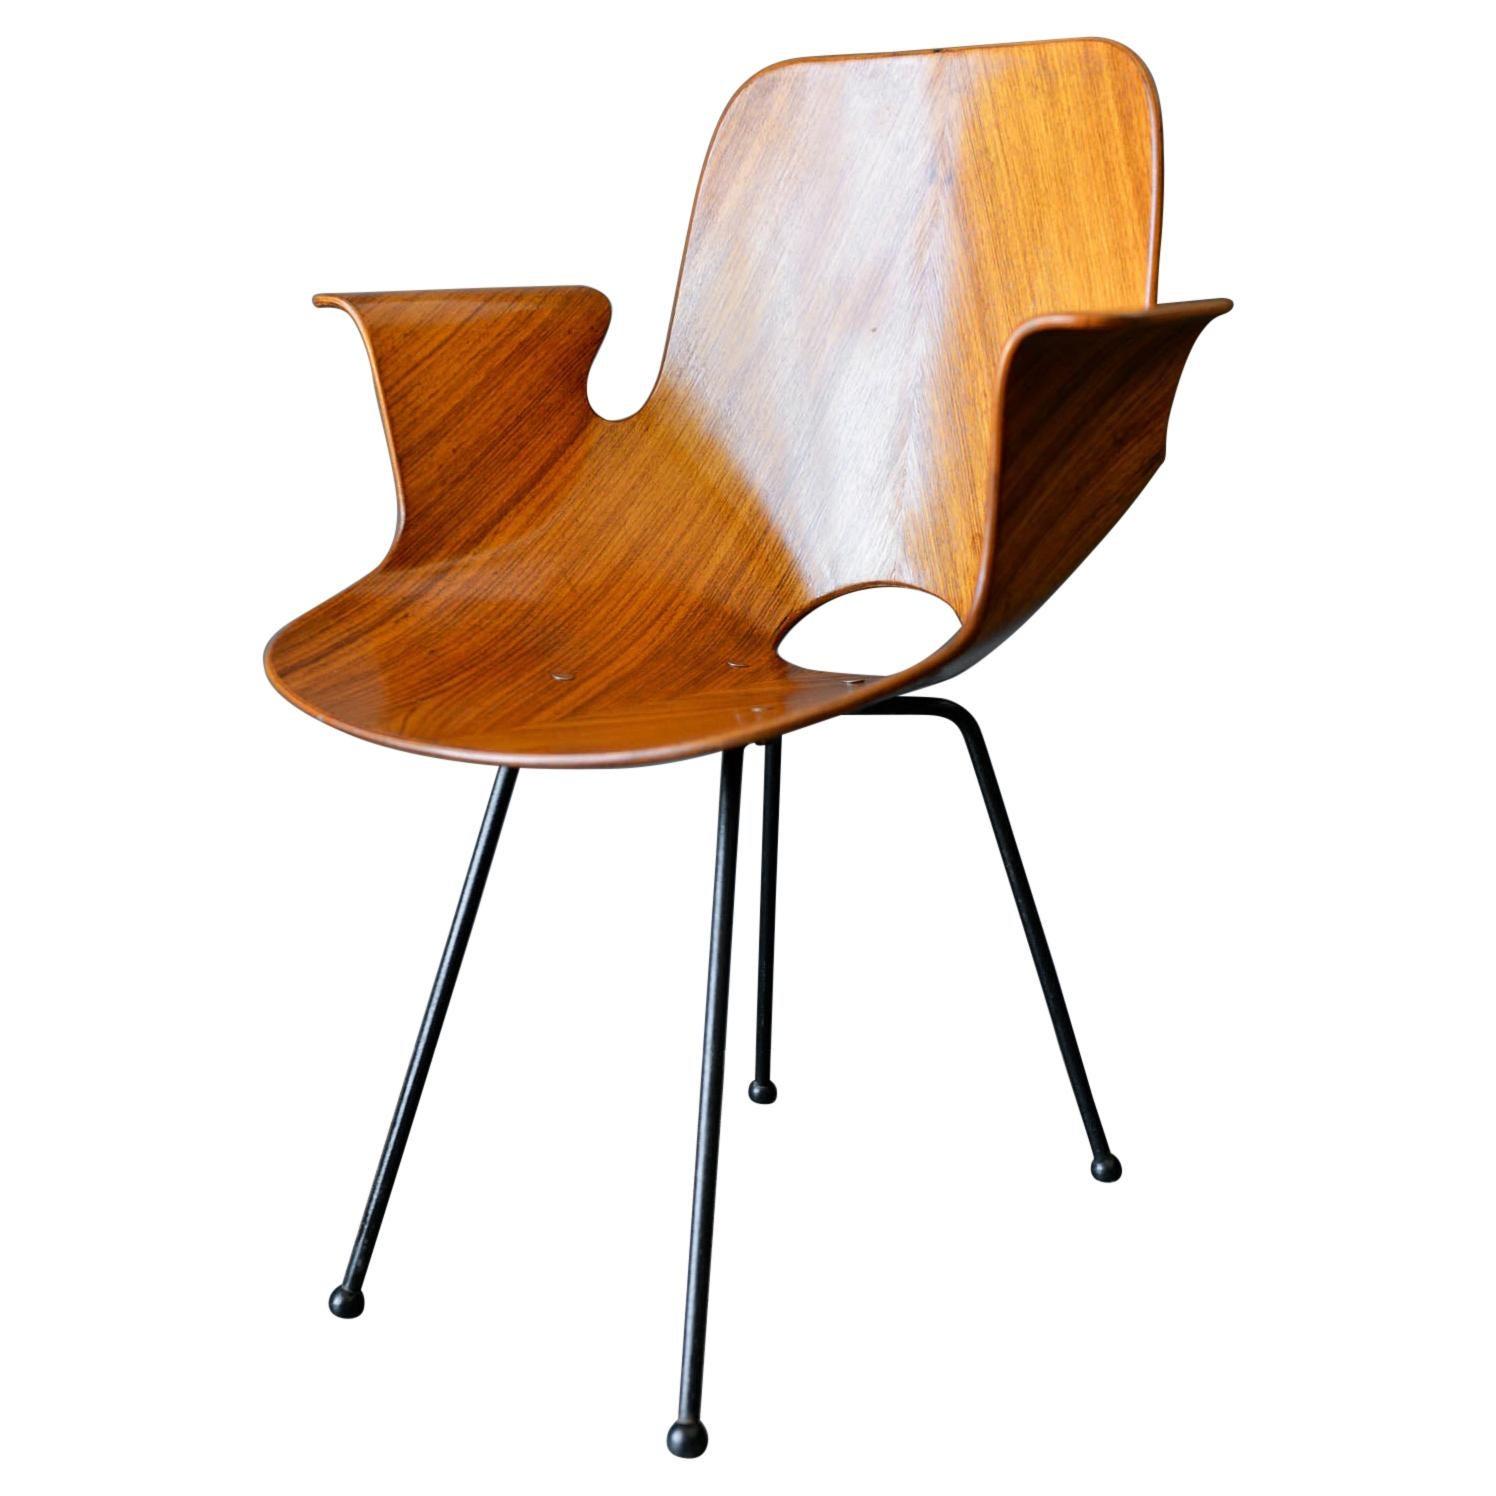 Medea Chair by Vittorio Nobili for Fratelli Tagliabue, ca. 1955